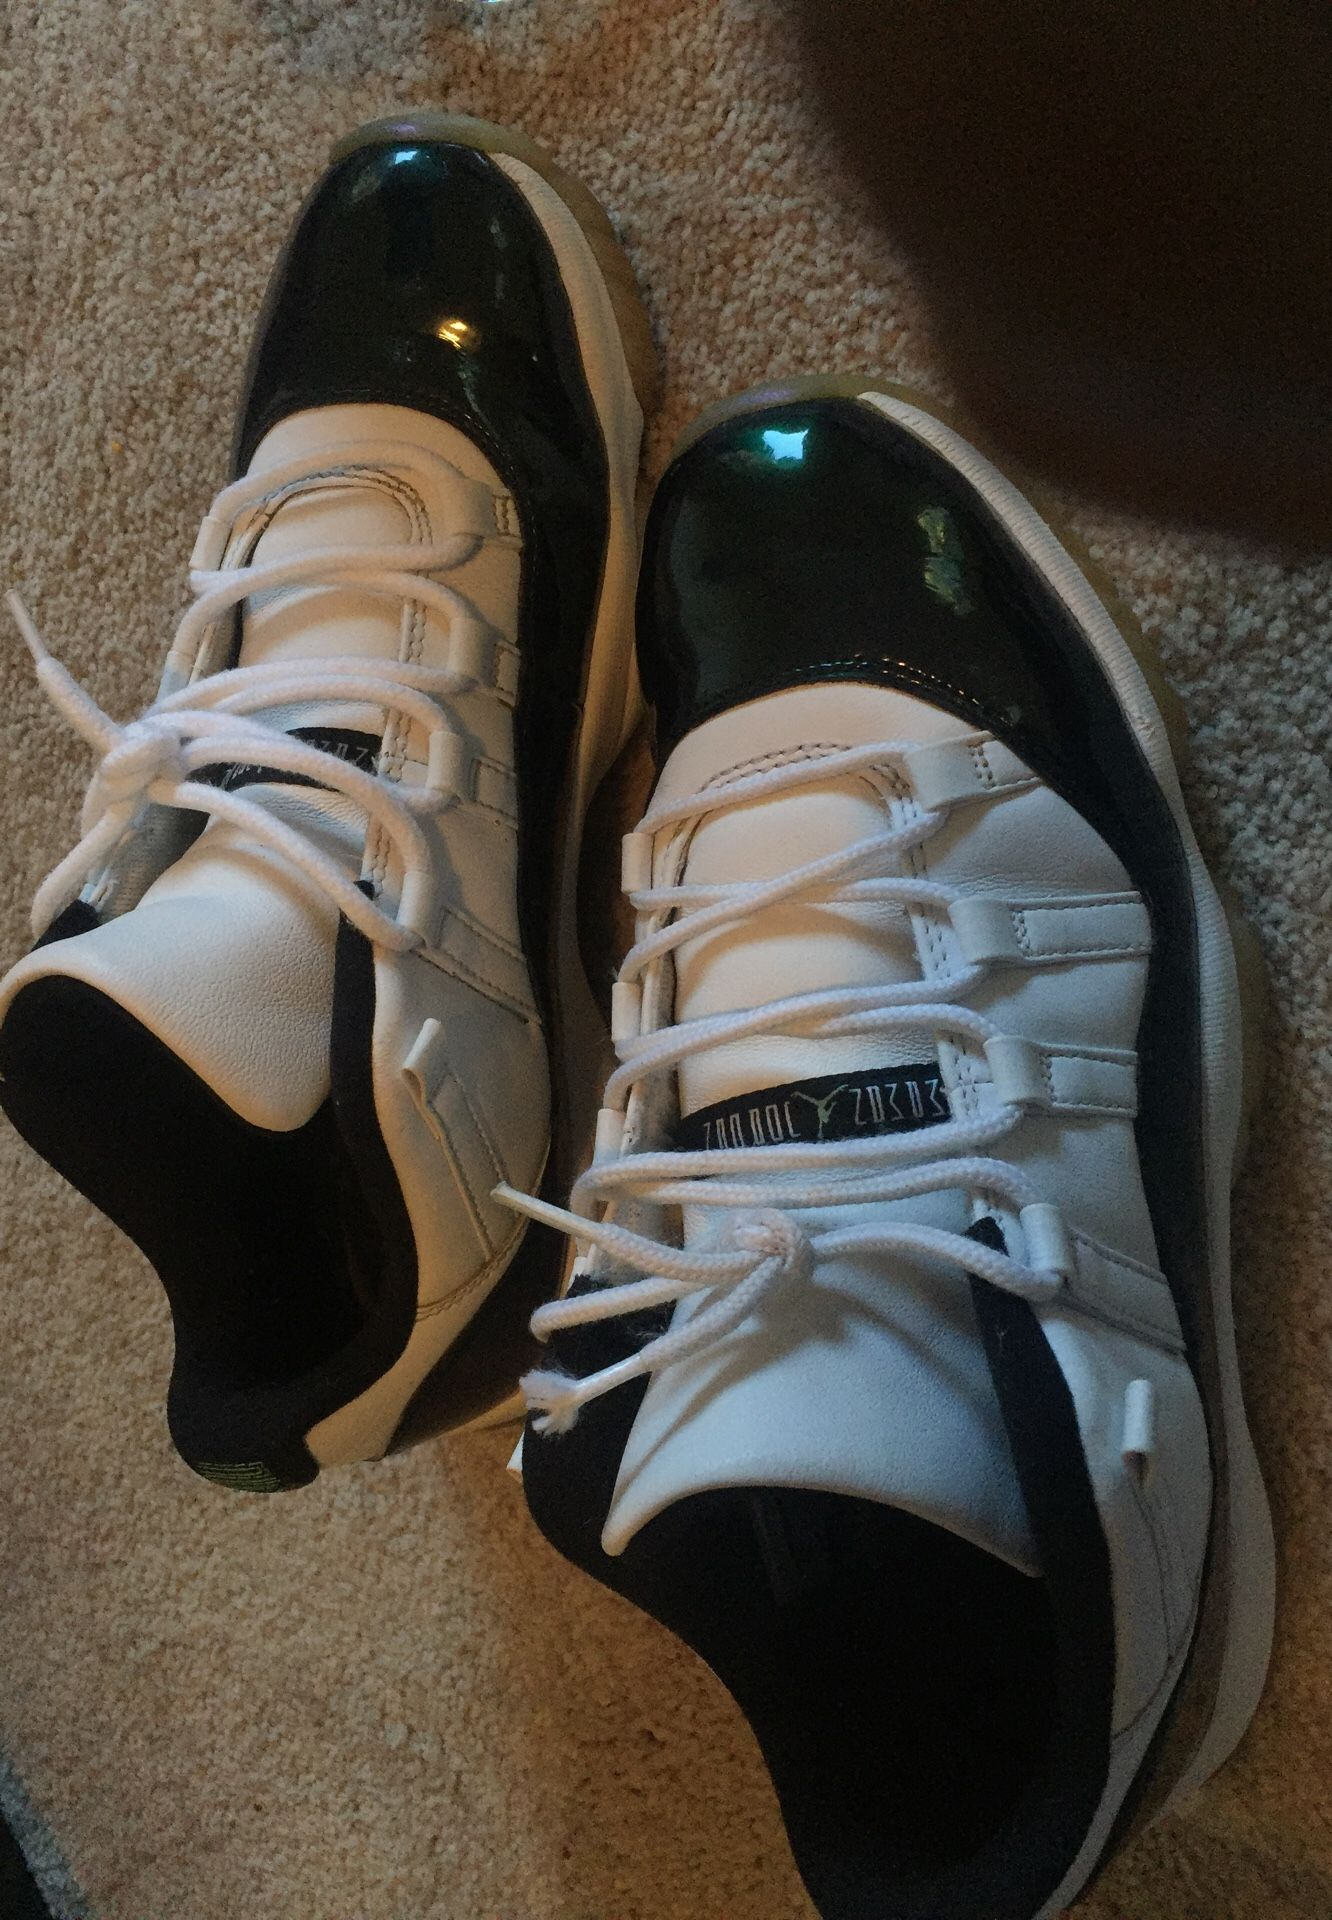 Jordan retro 11s emeralds